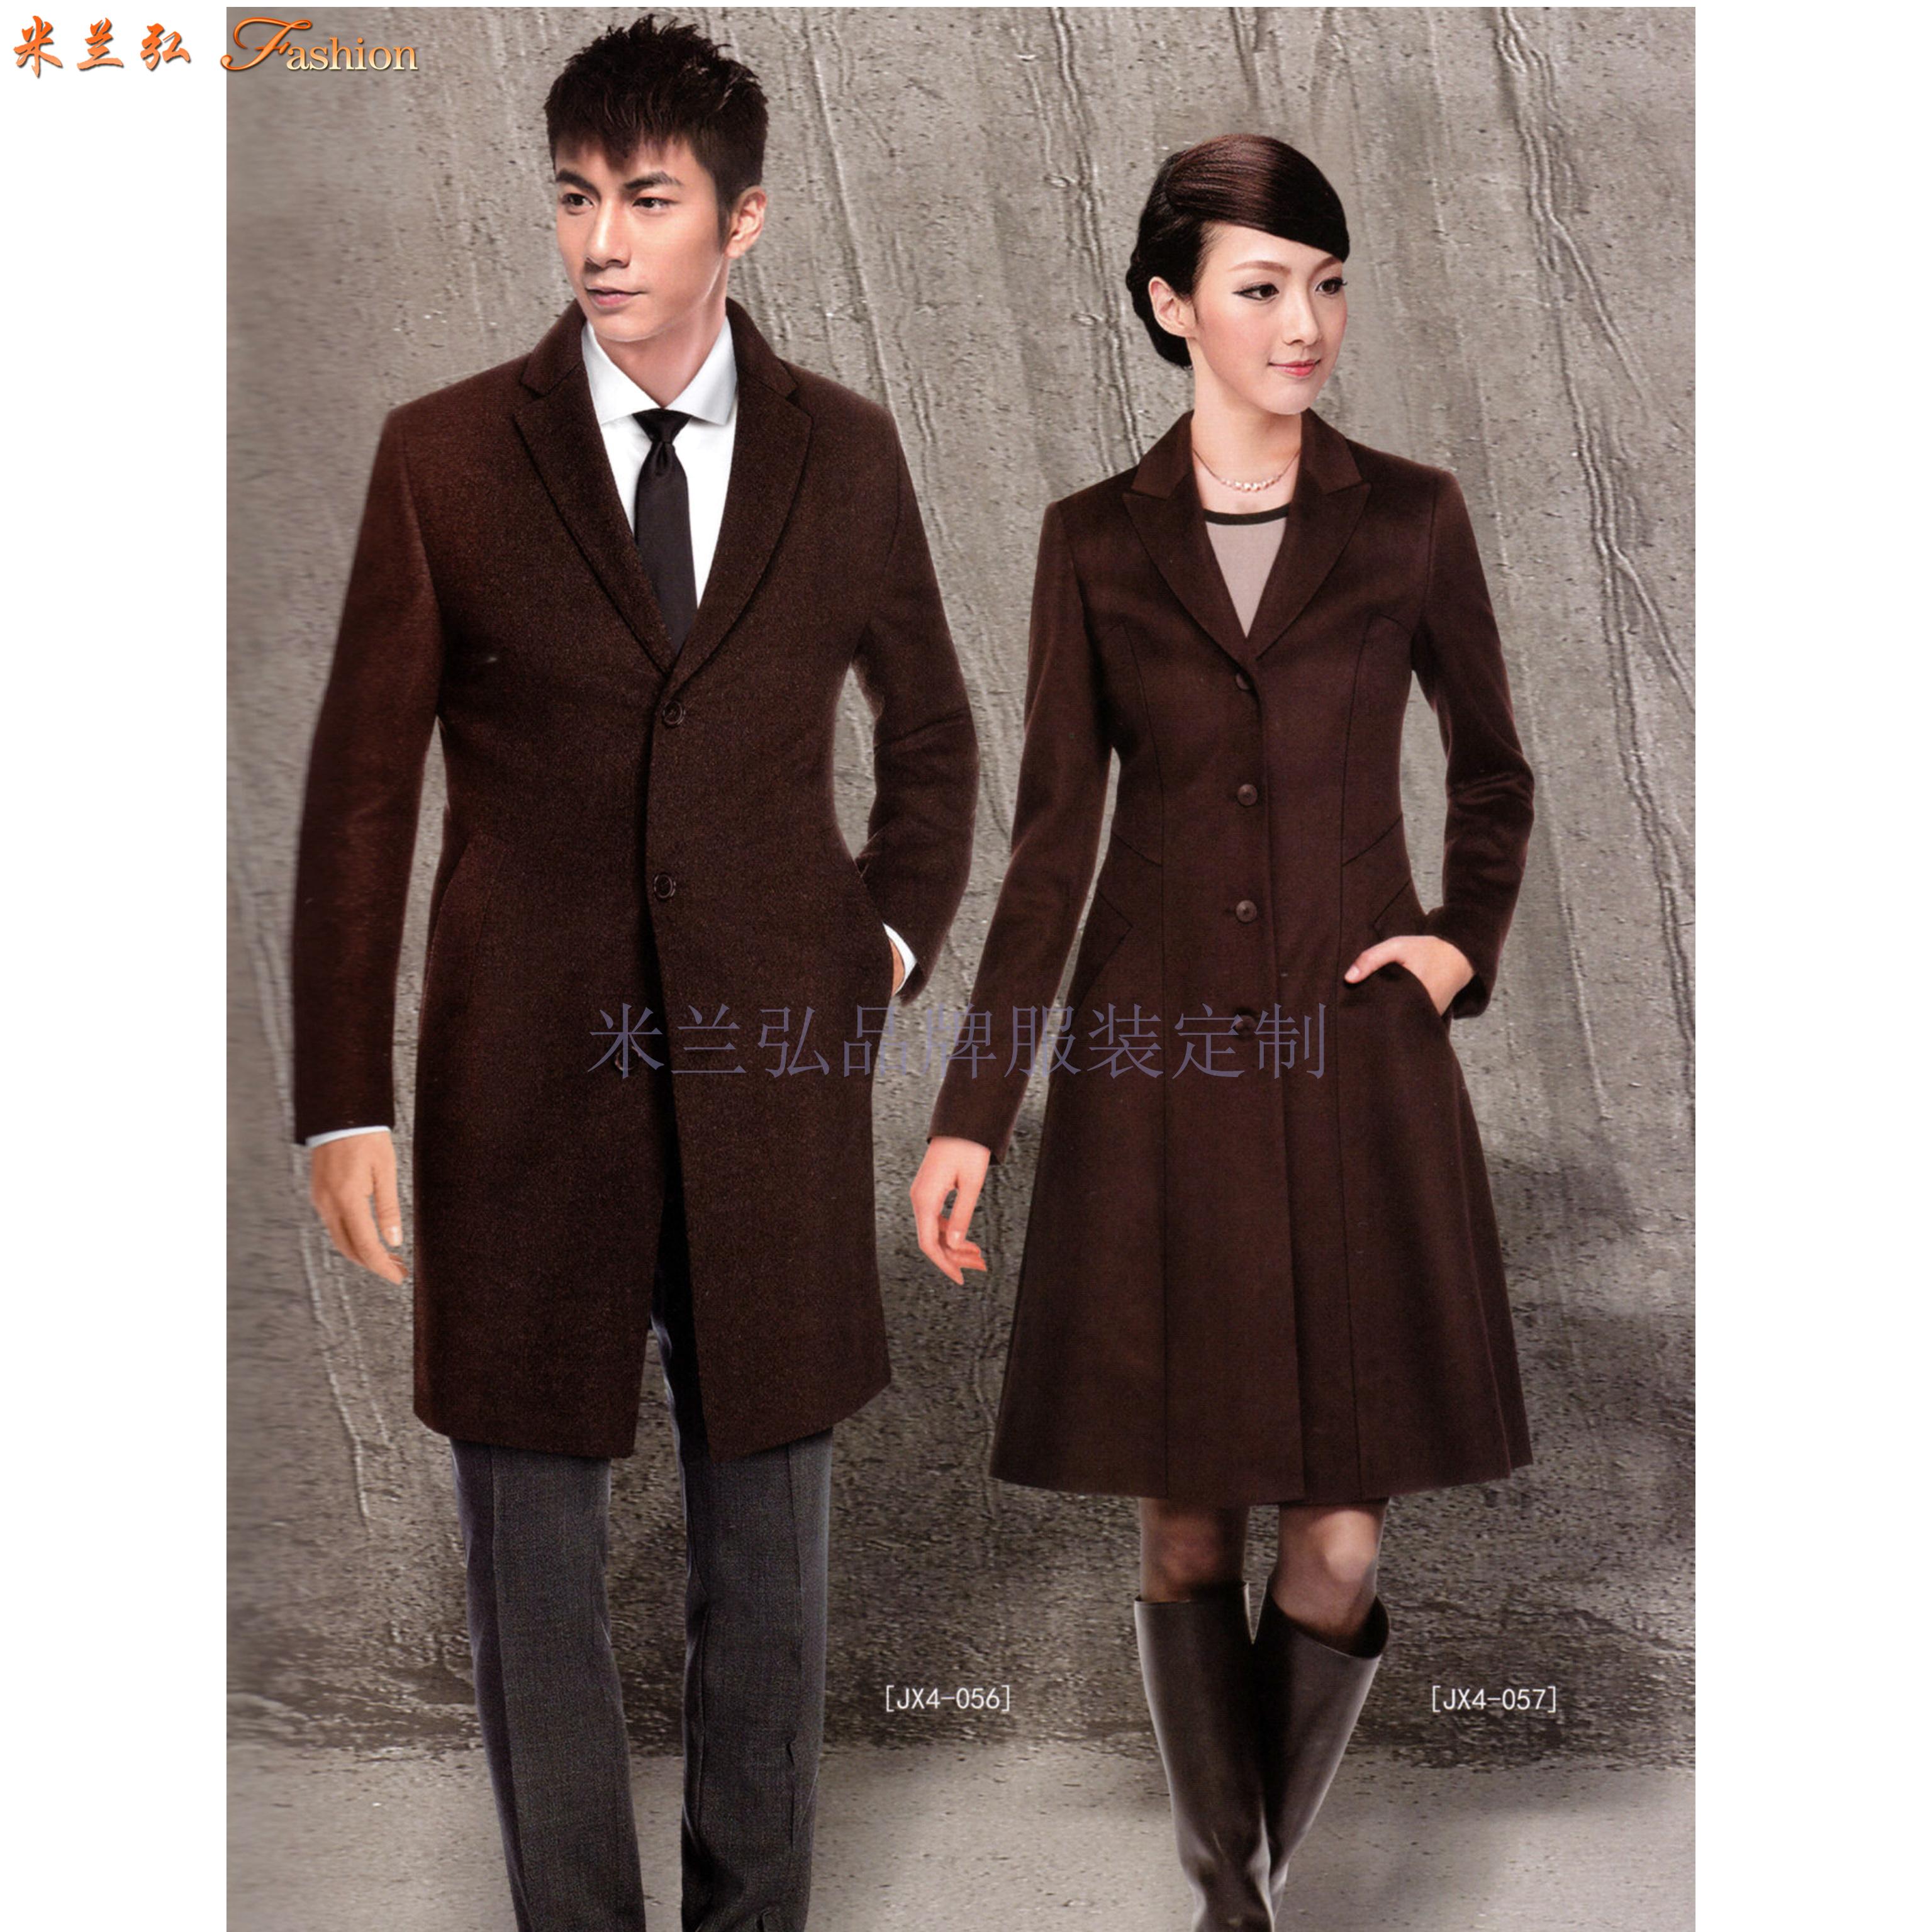 「北京毛呢男女大衣定制」哪家好,怎么樣定做-TOP米蘭弘大衣-3